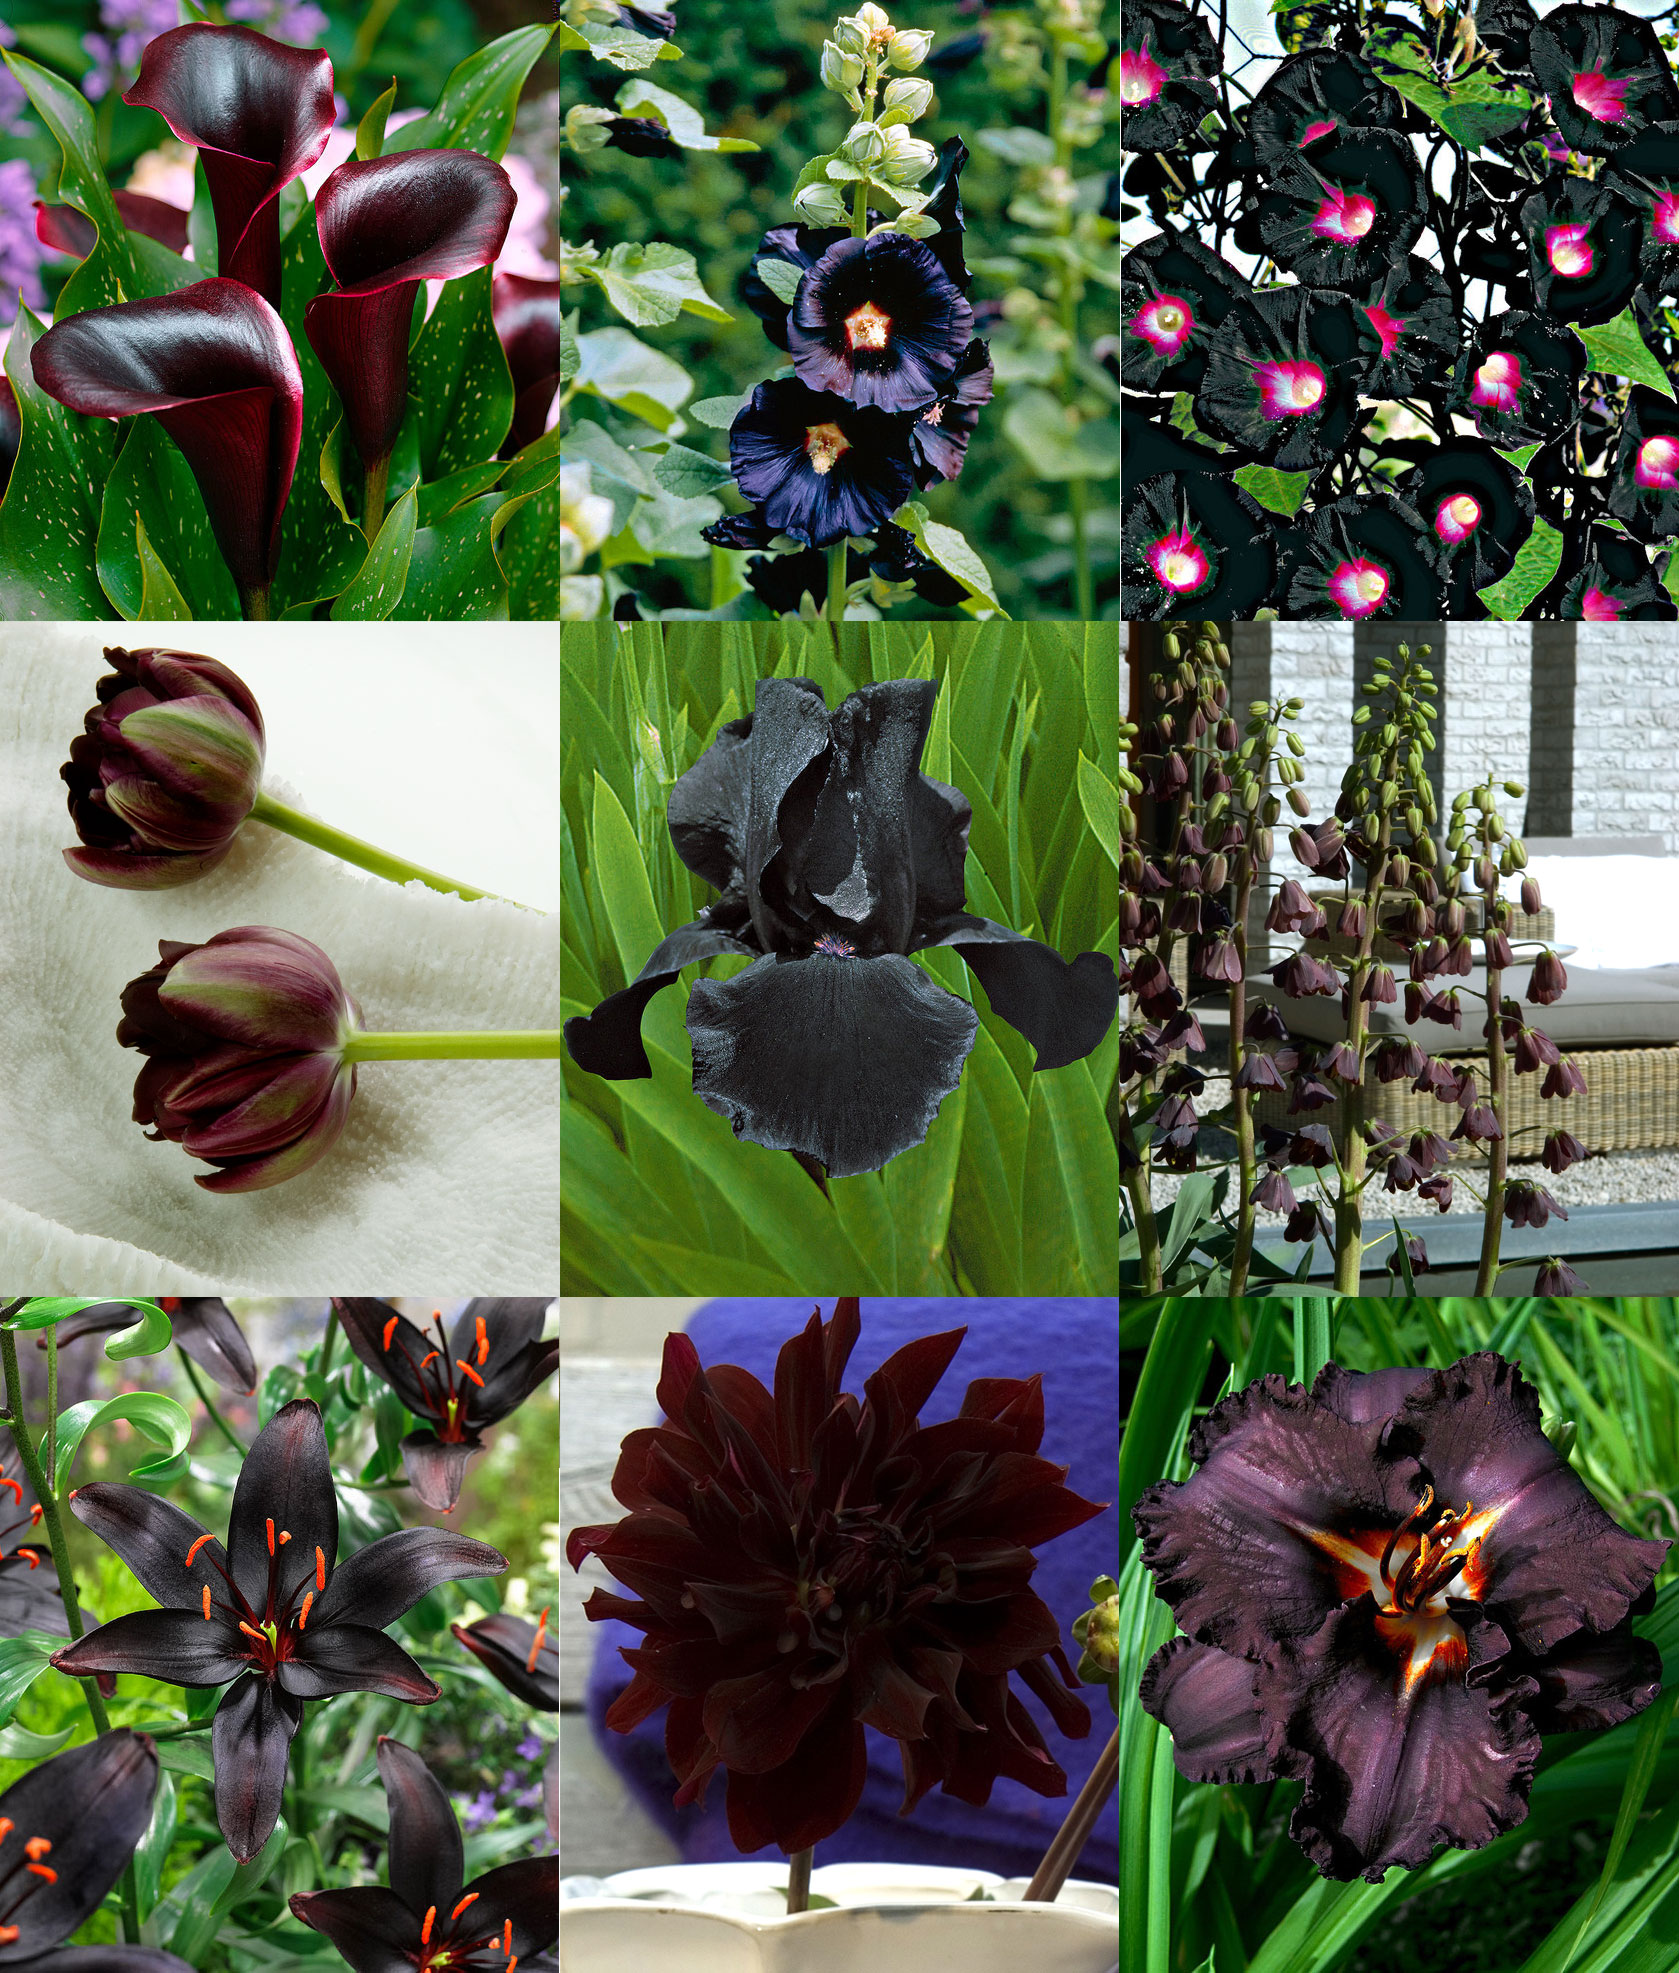 Fiori Bianchi E Neri.Fiori Neri Rose Tulipani E Altri Fiori Dai Colori Tendenti Al Nero